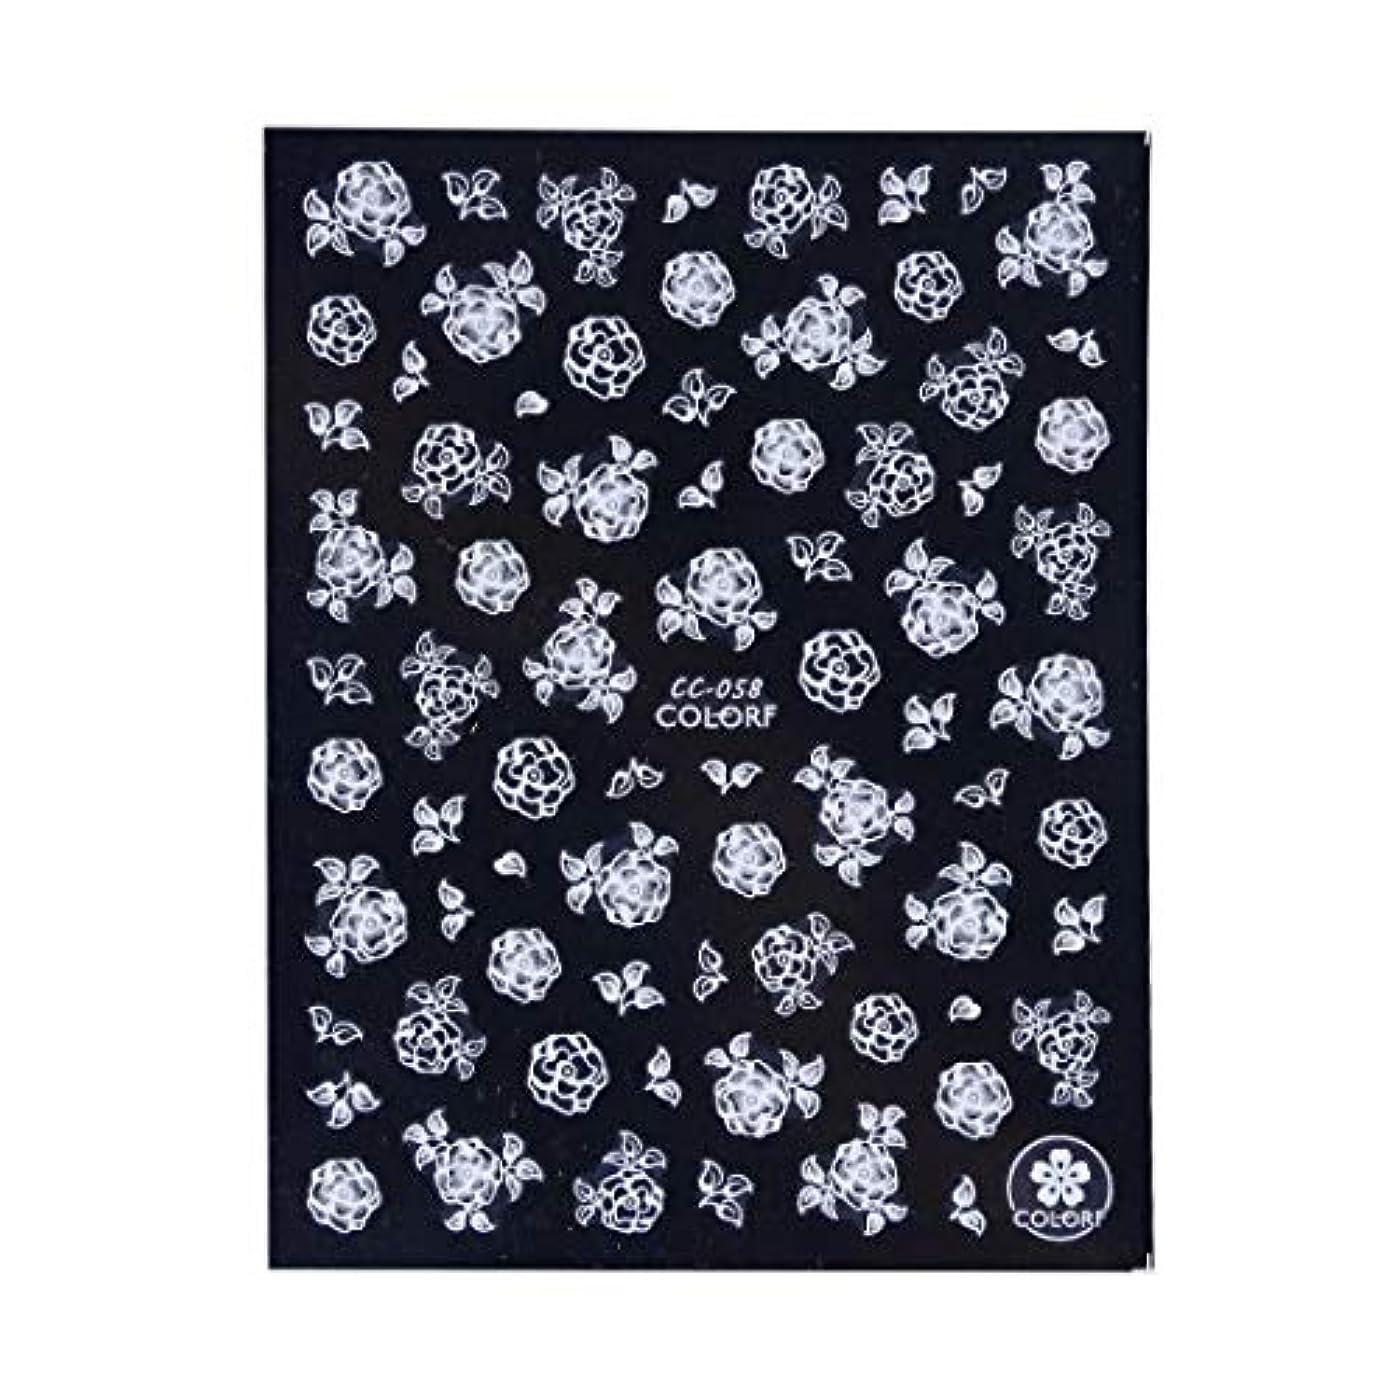 偏見彼らは許すSUKTI&XIAO ネイルステッカー 白い花のネイルアートのステッカーのステッカーの蝶葉はスライダー3Dの自己接着釘の装飾、Cc058を設計します